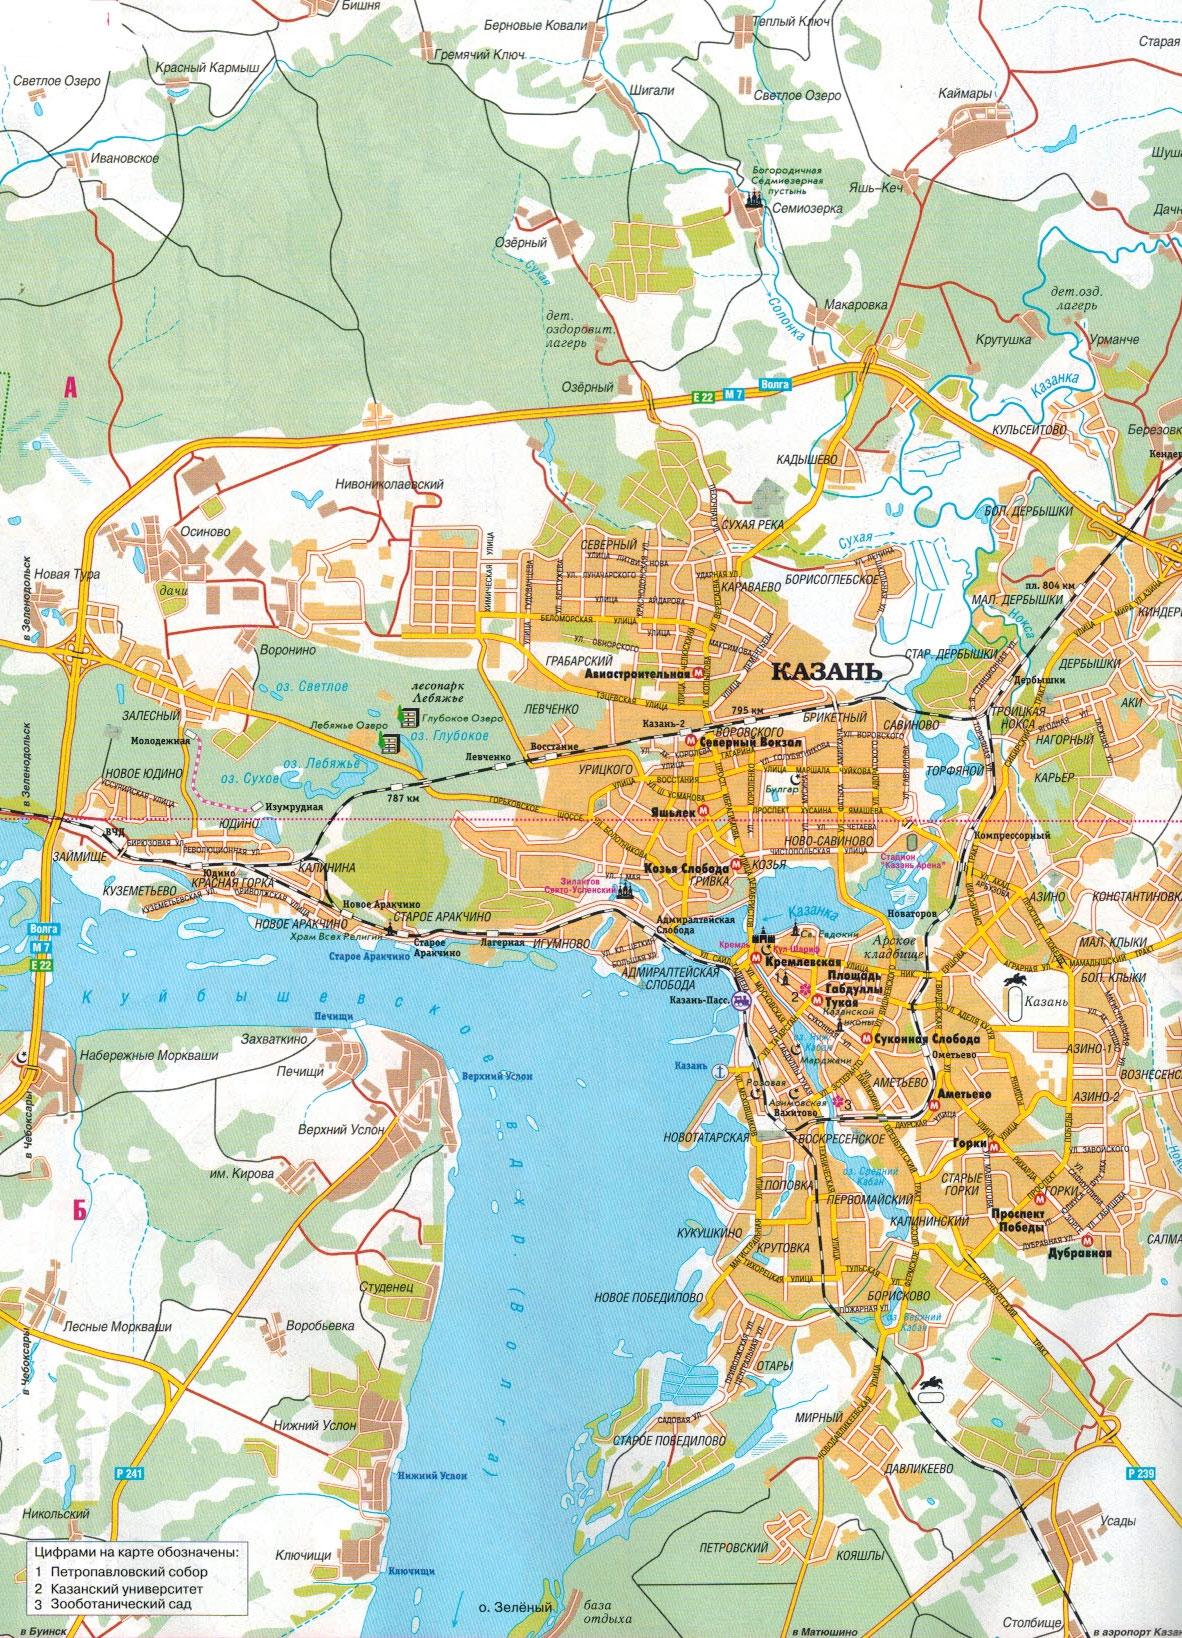 Настенная карта города Казань, ламинированная,р-р  0,75*1,0 м